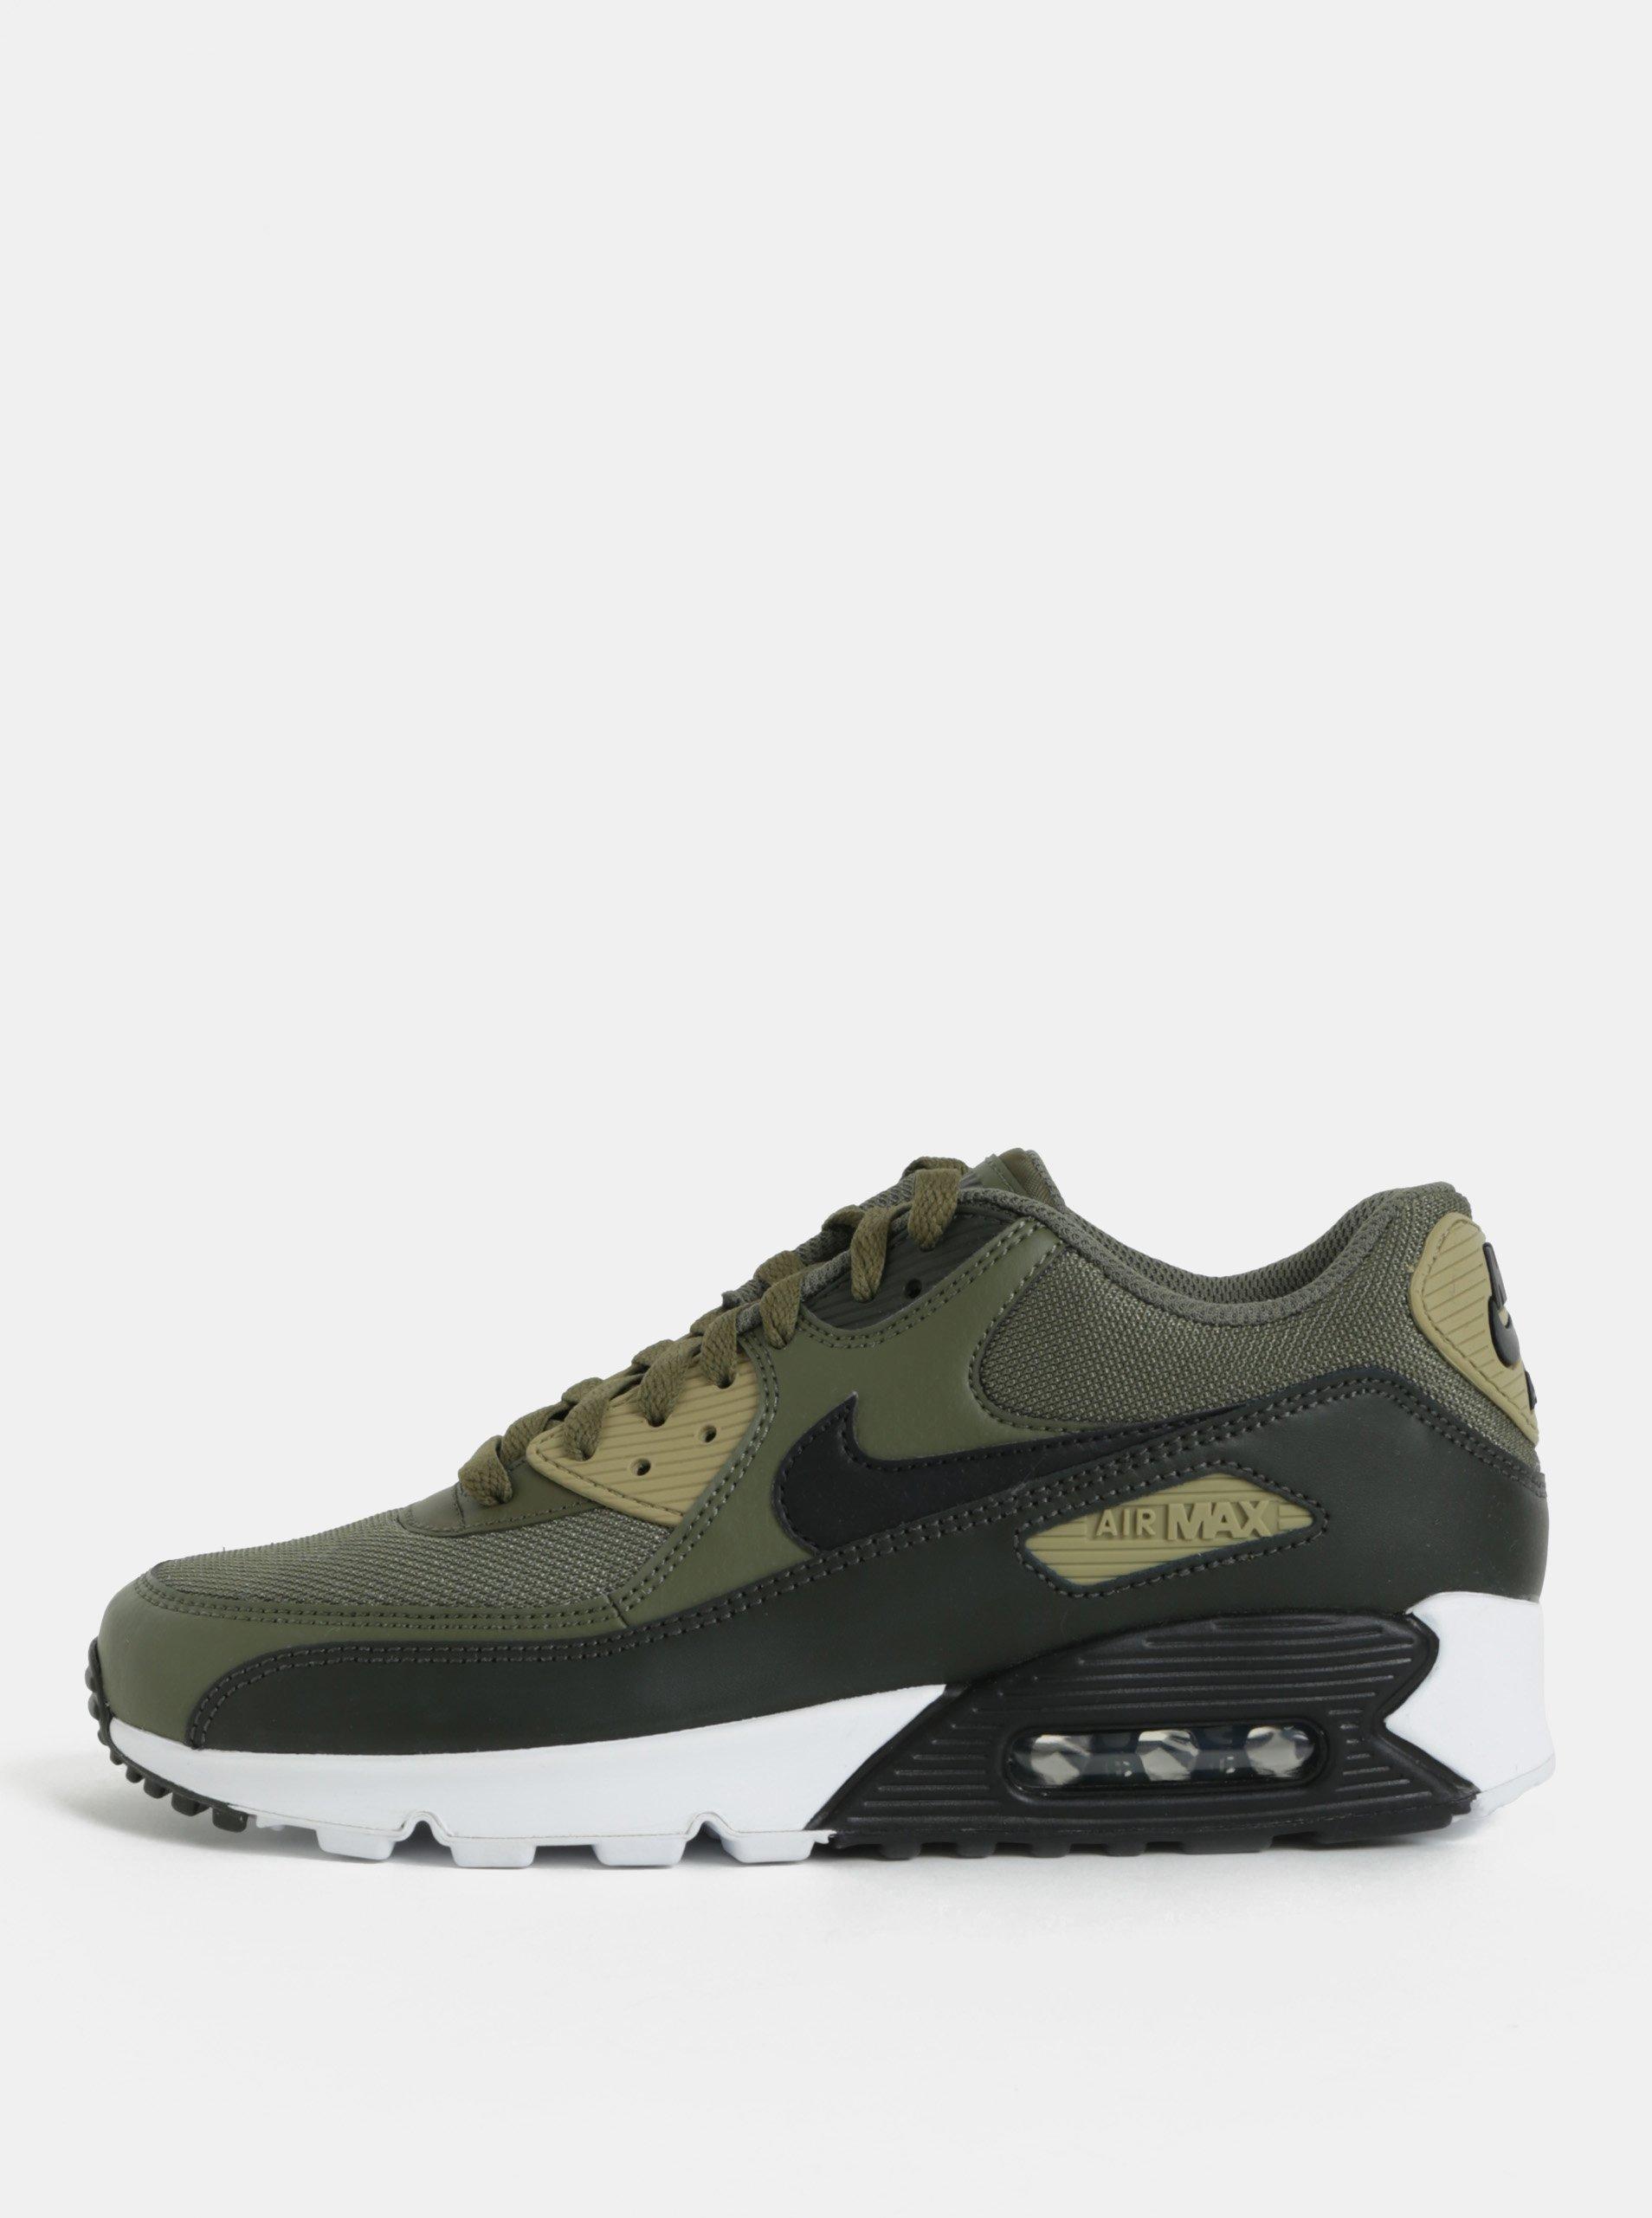 Kaki pánske kožené tenisky Nike Air Max  90 Essential c398d8e9995